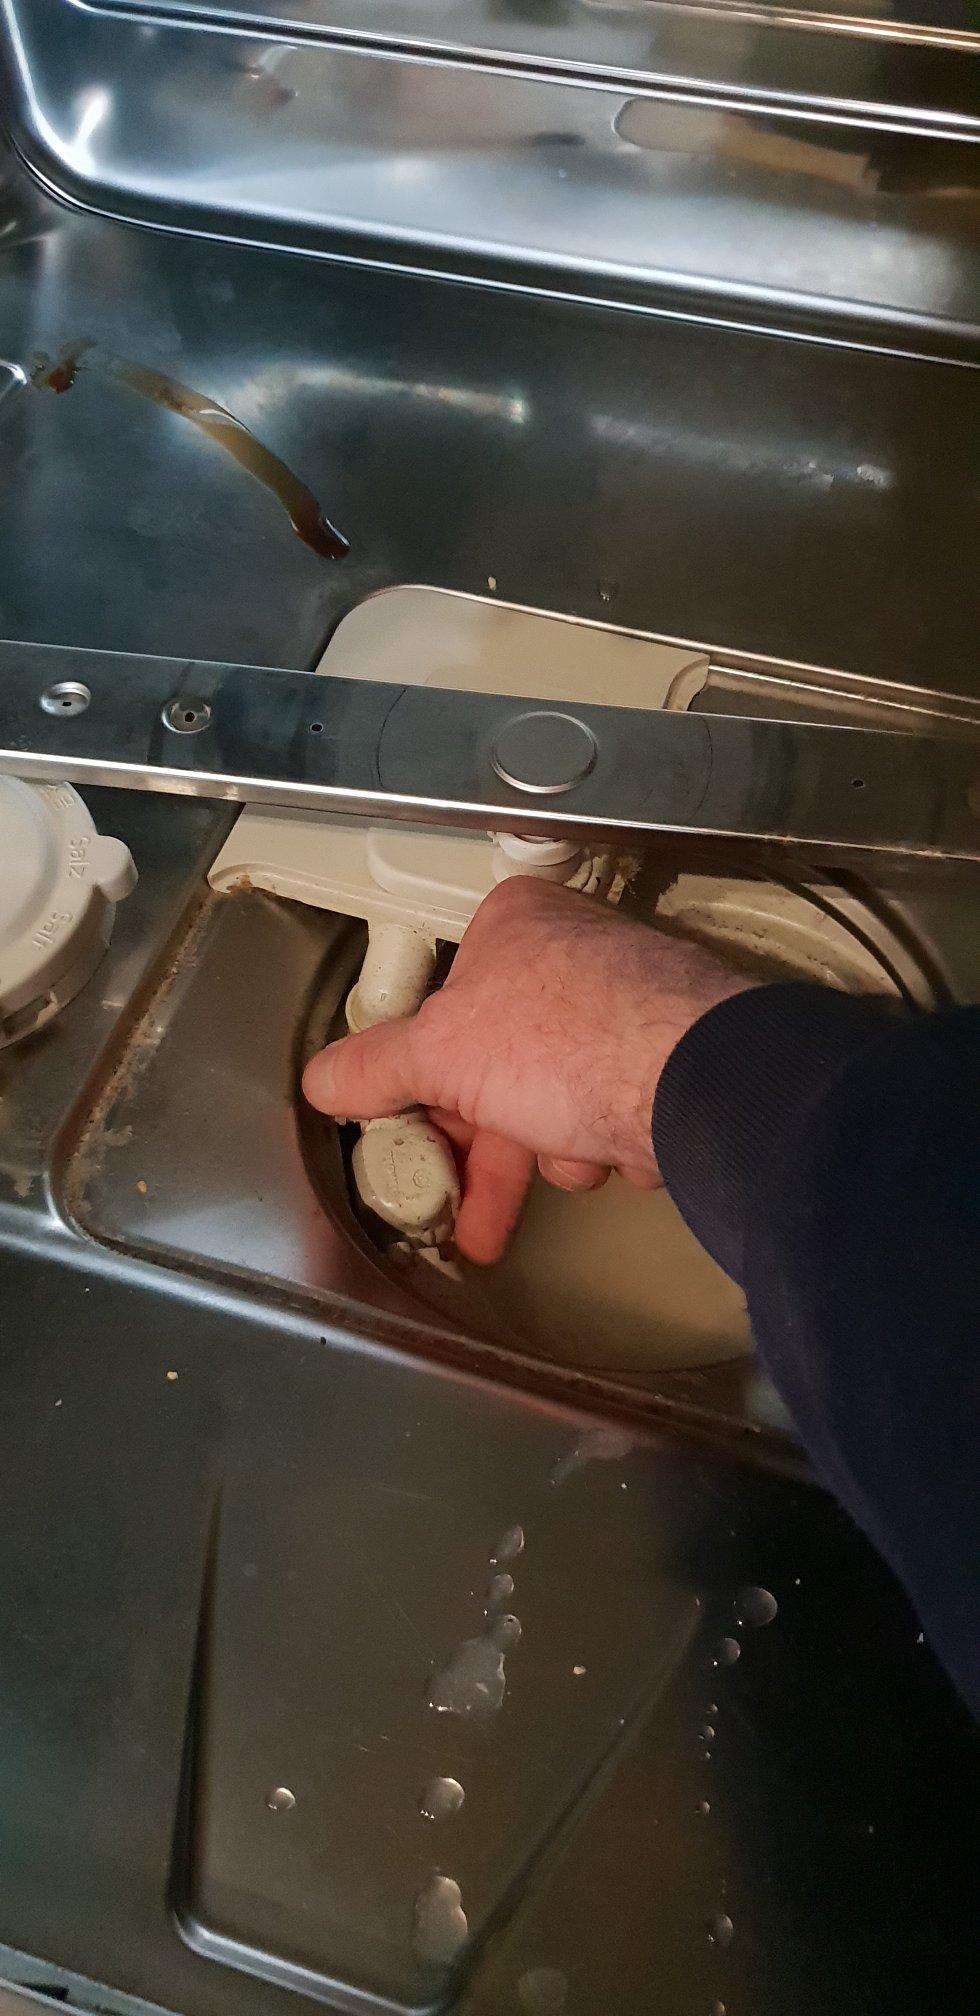 Rens af pumpe på vaskemaskine